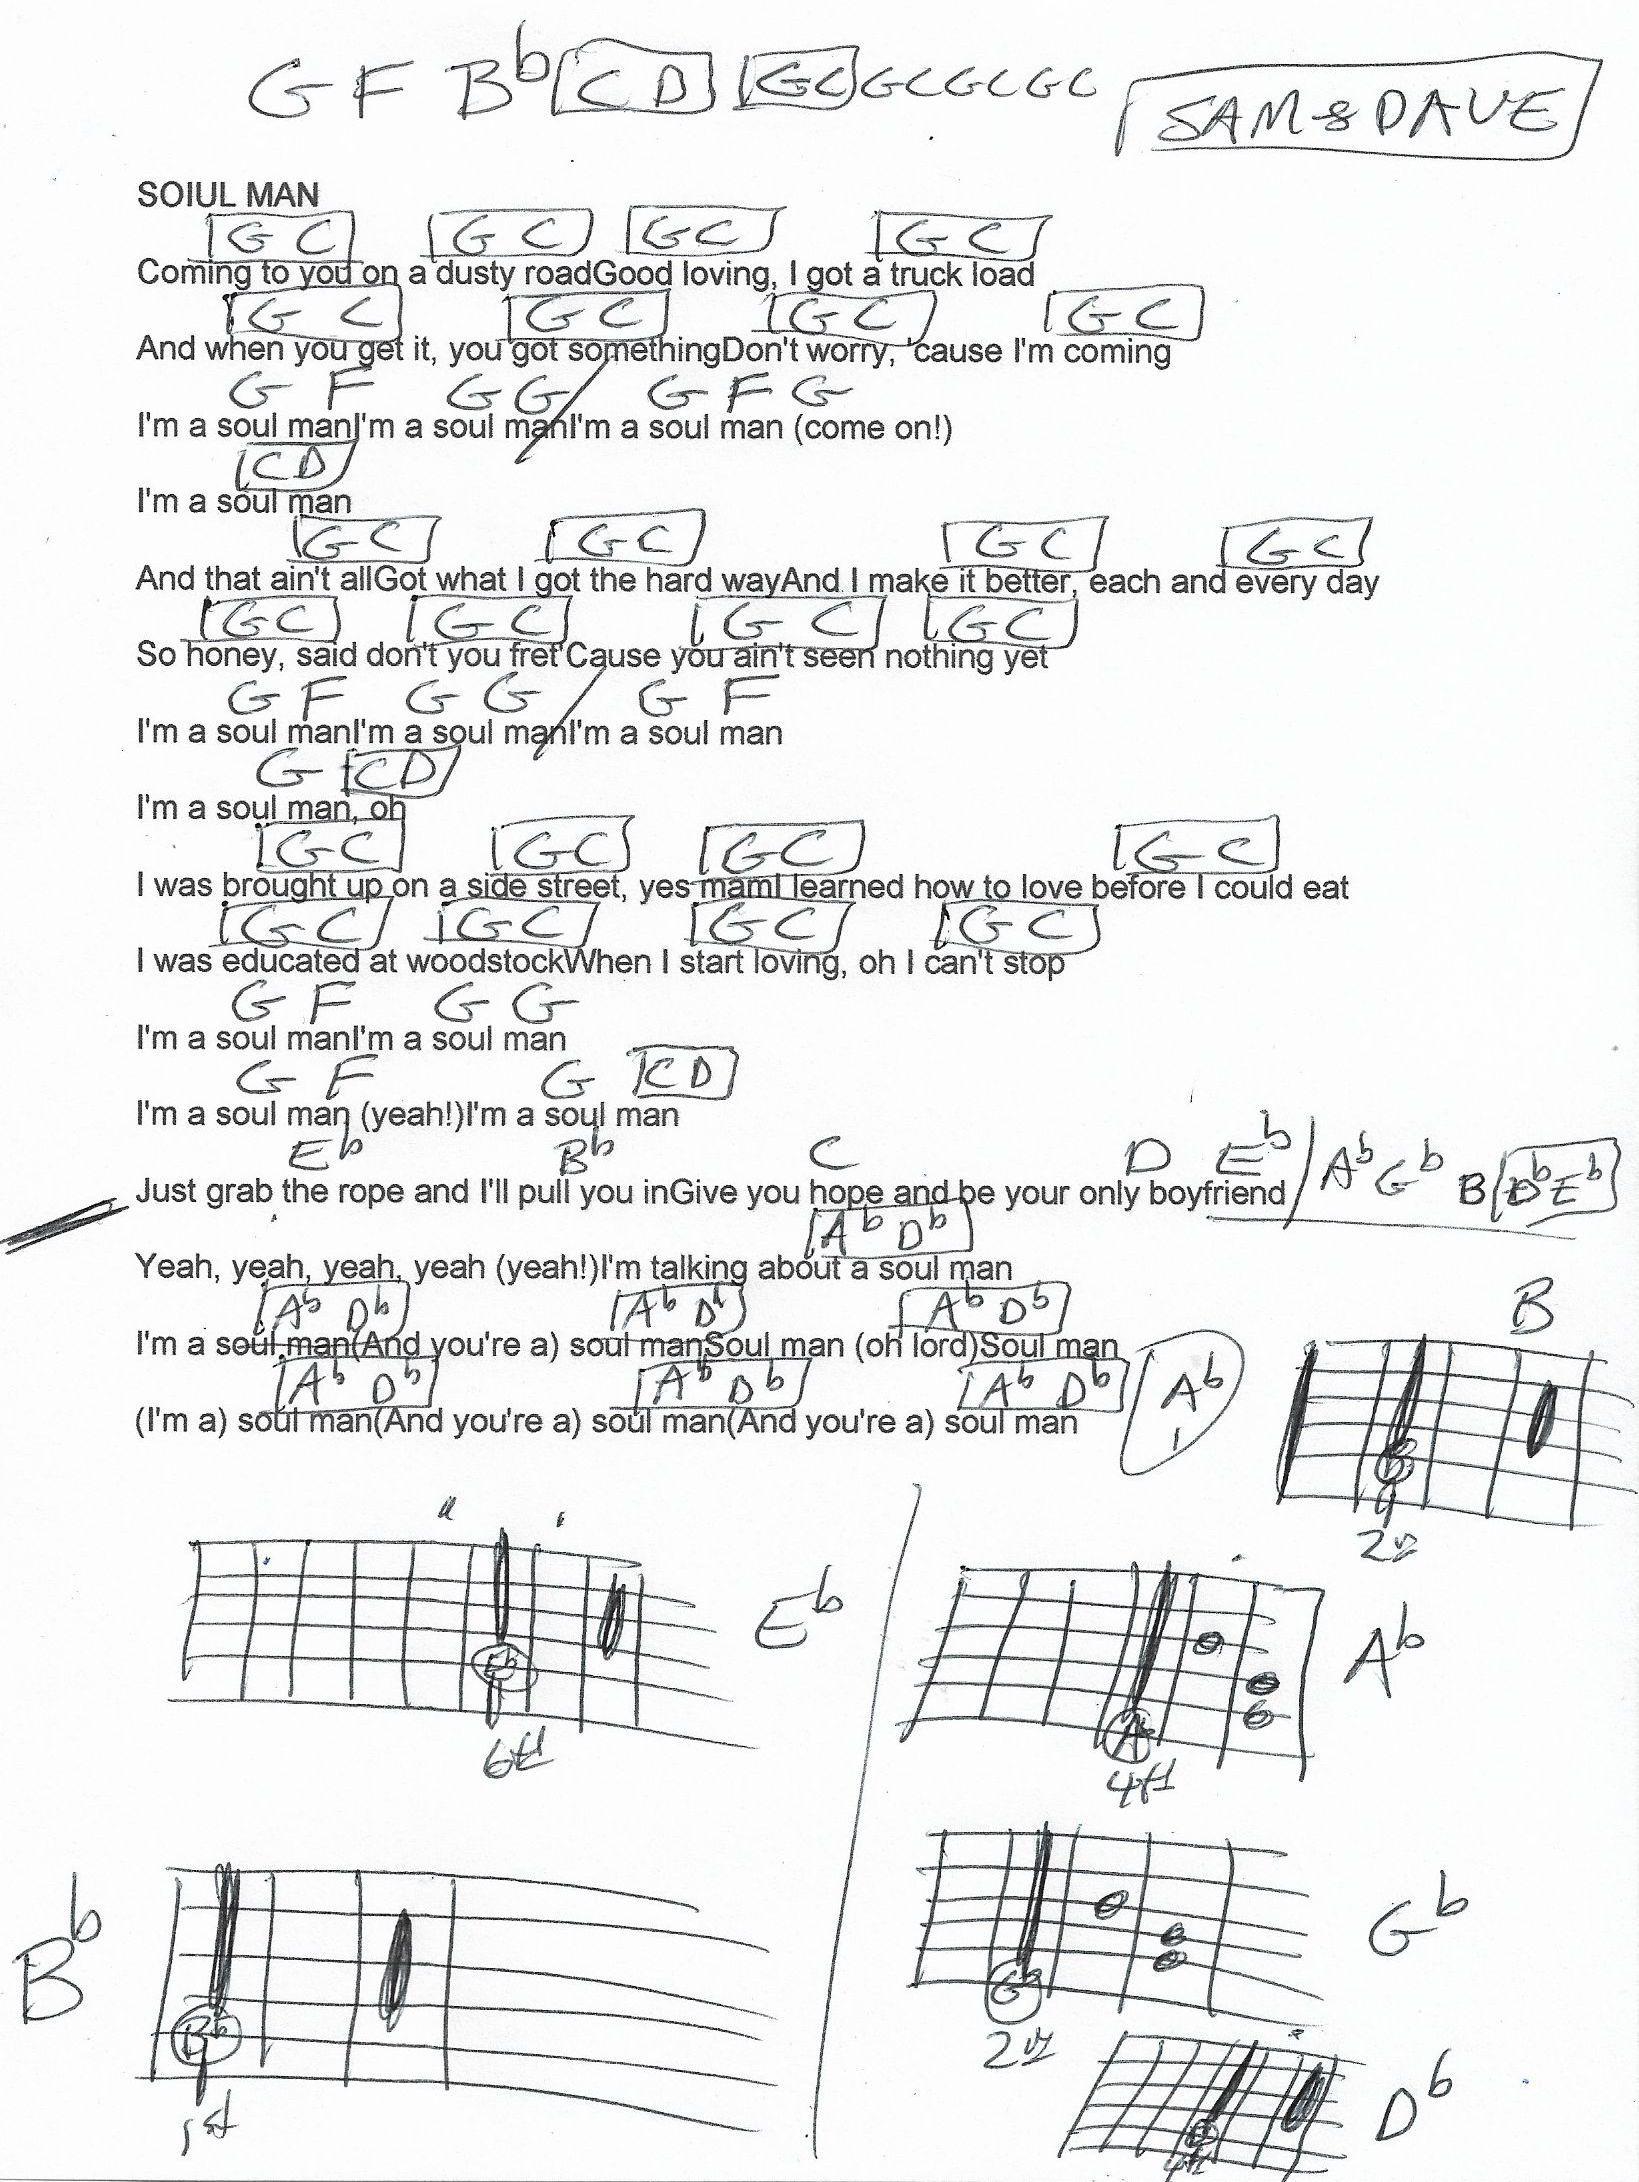 Soul Man Sam Dave Guitar Chord Chart Music Charts Guitar Chord Chart Soul Music